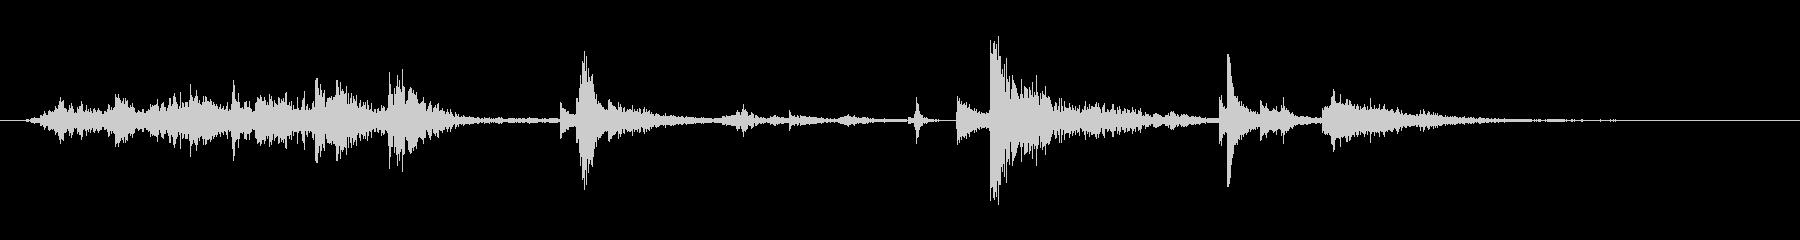 ジャンクパイルによるジャンク検索の未再生の波形